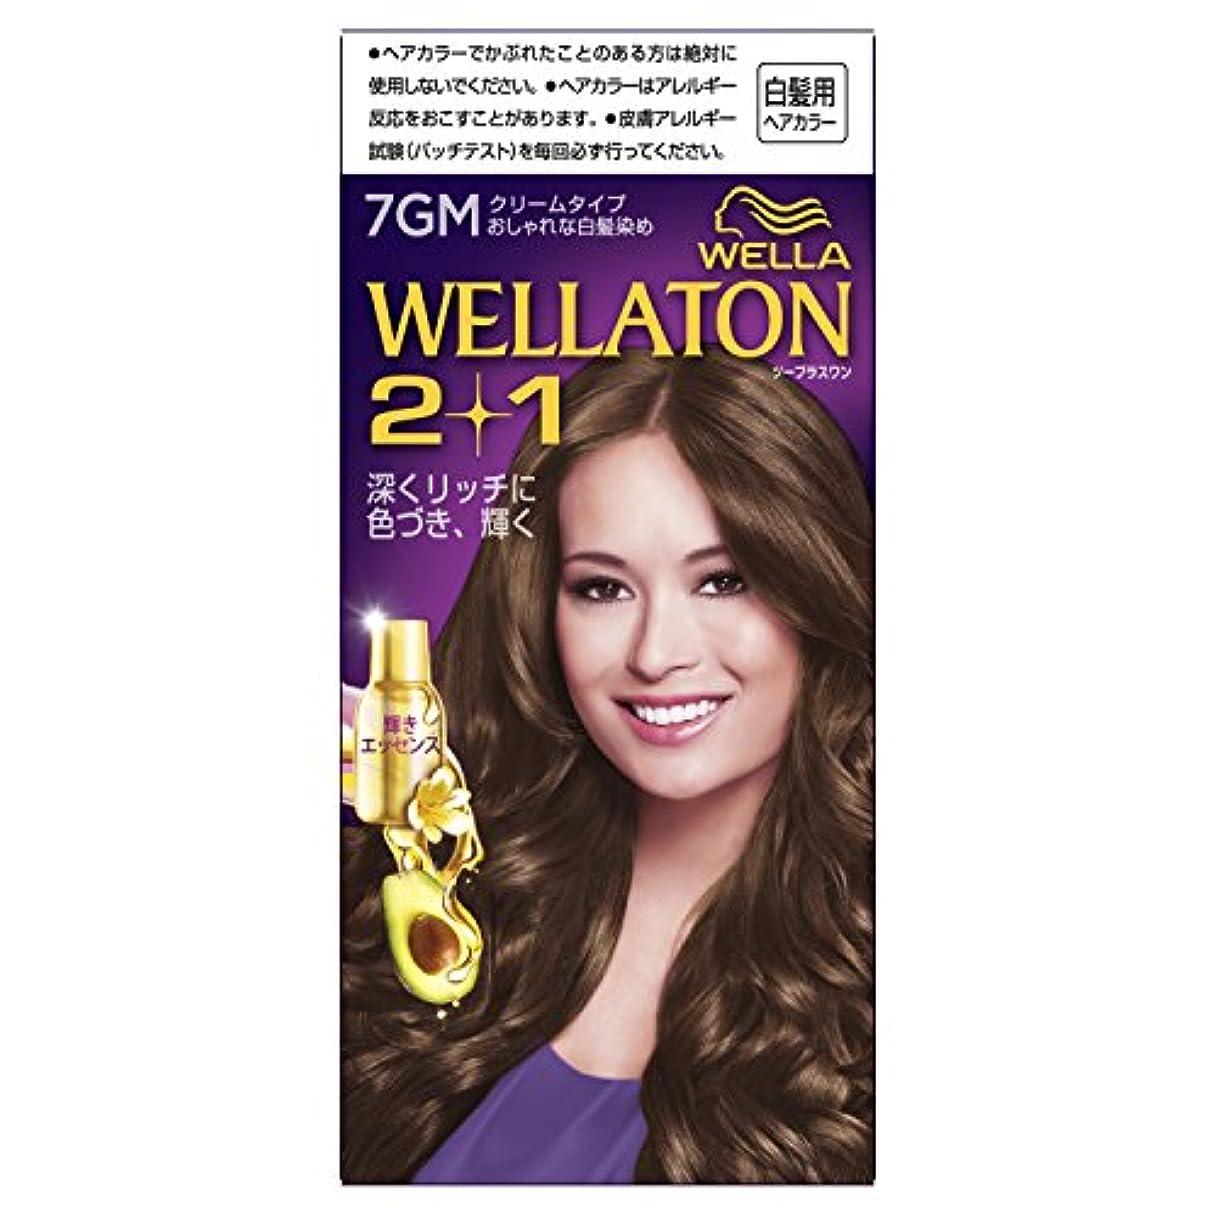 先のことを考えるビリーヤギ置換ウエラトーン2+1 クリームタイプ 7GM [医薬部外品](おしゃれな白髪染め)